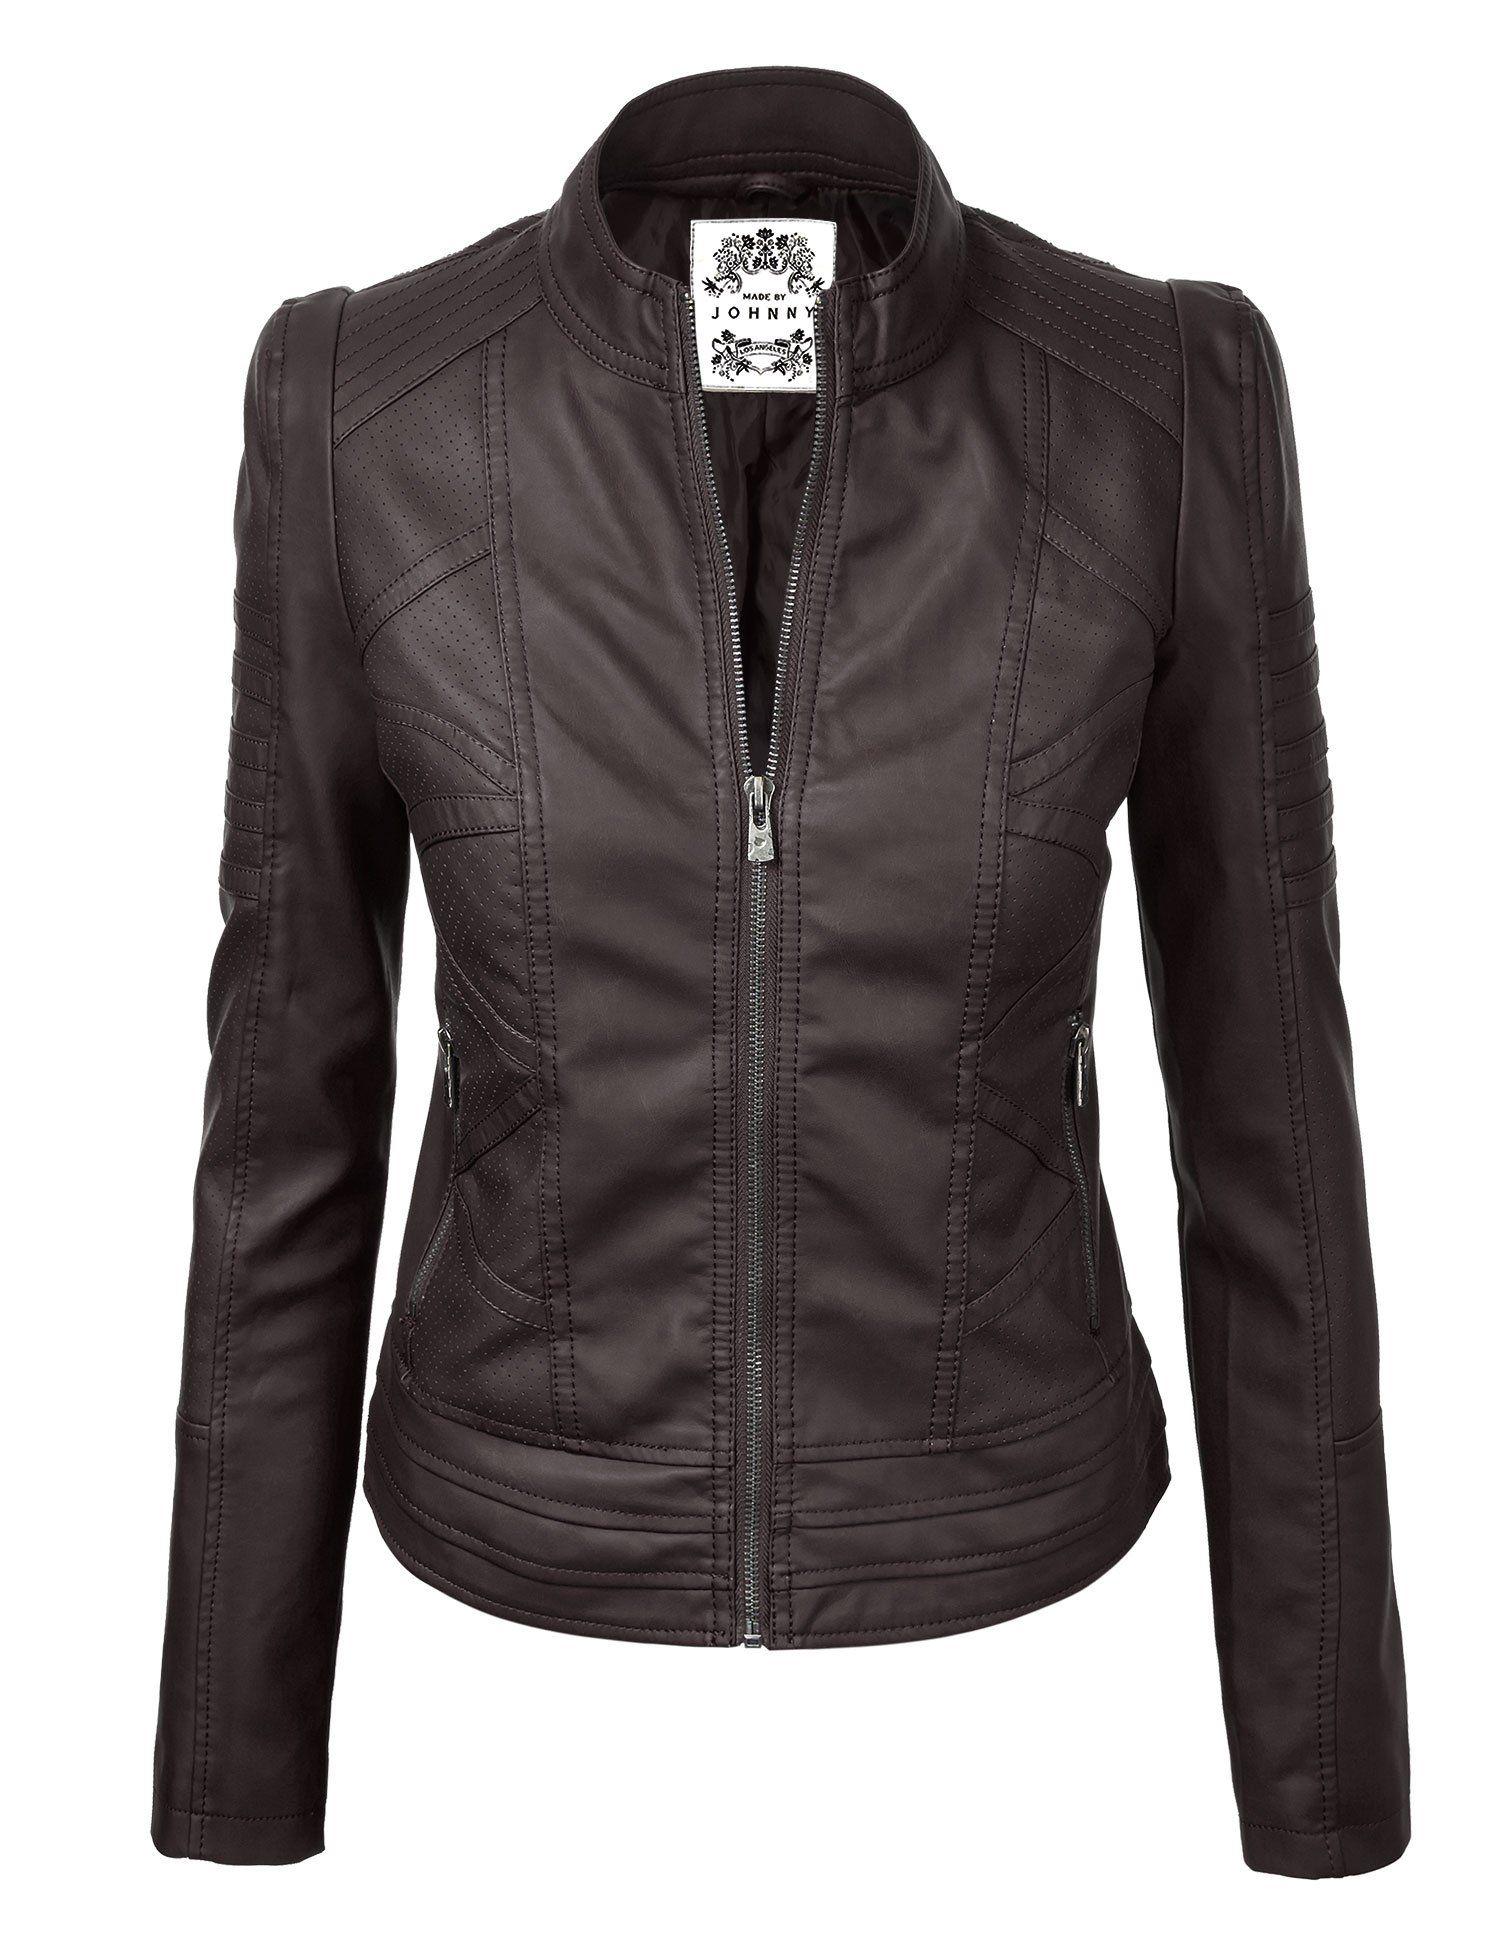 MBJ Womens Vegan Leather Motorcycle Jacket S COFFEE